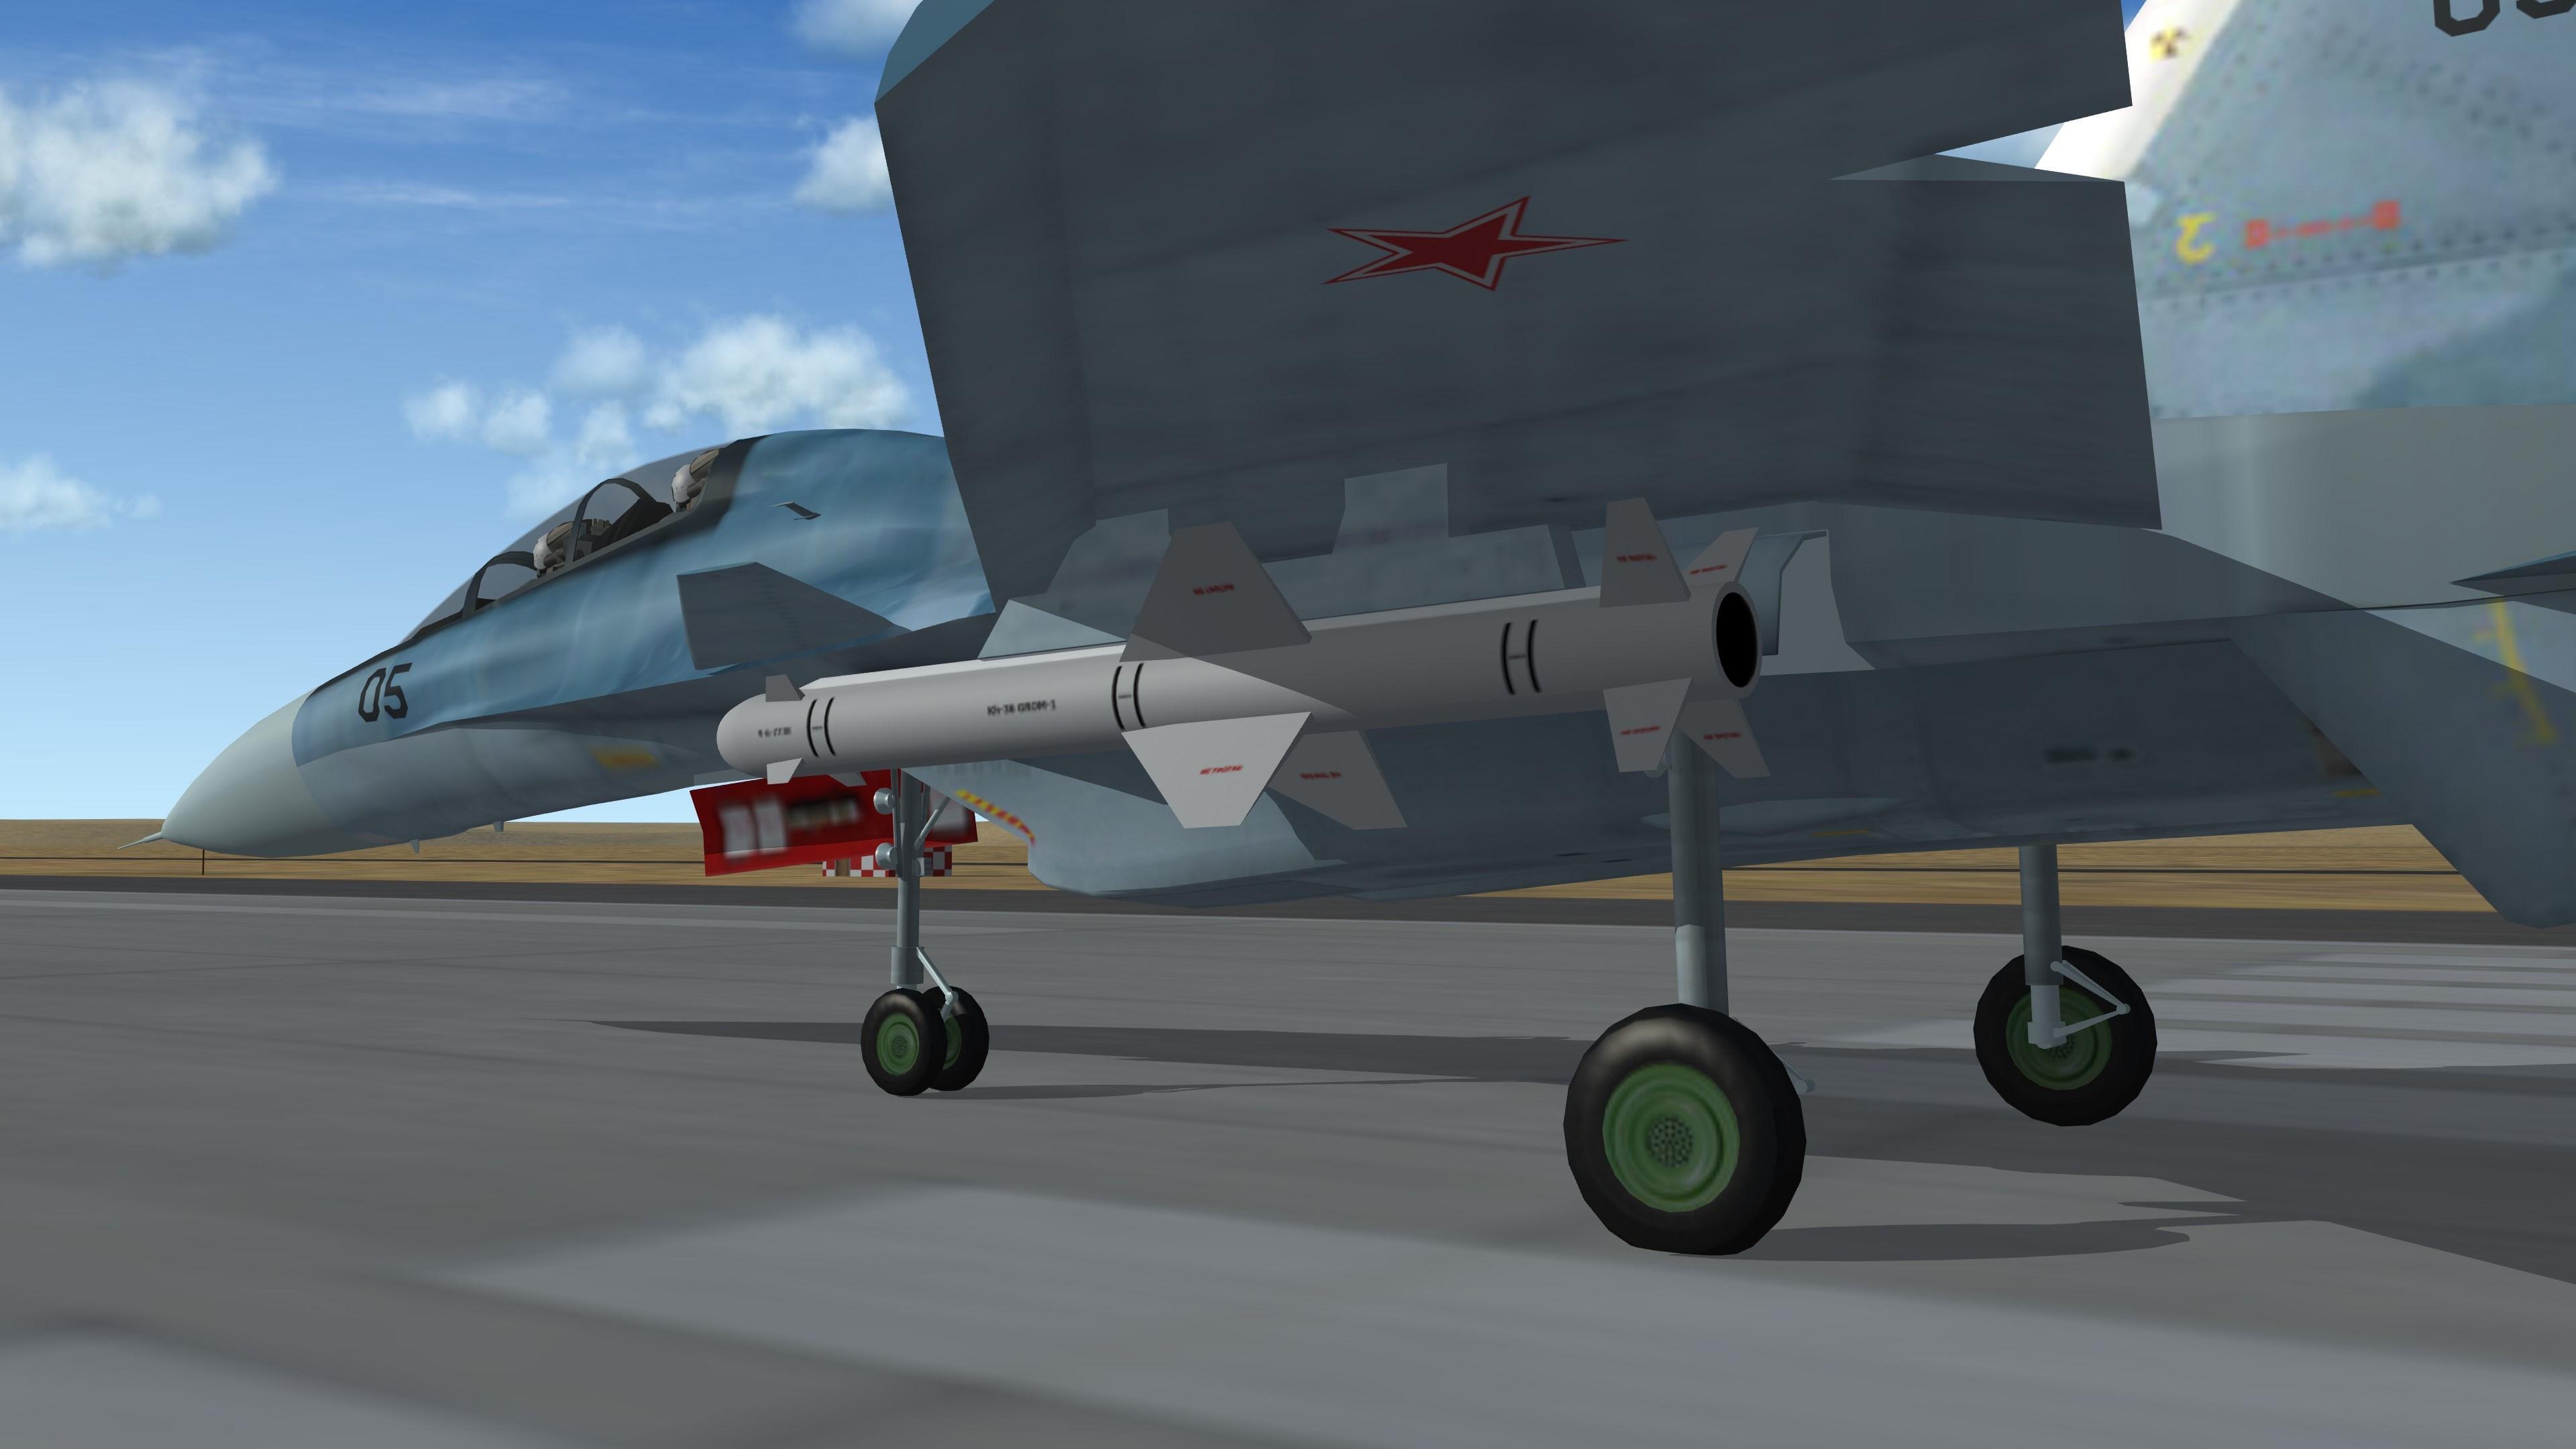 Kh-36 Grom-1